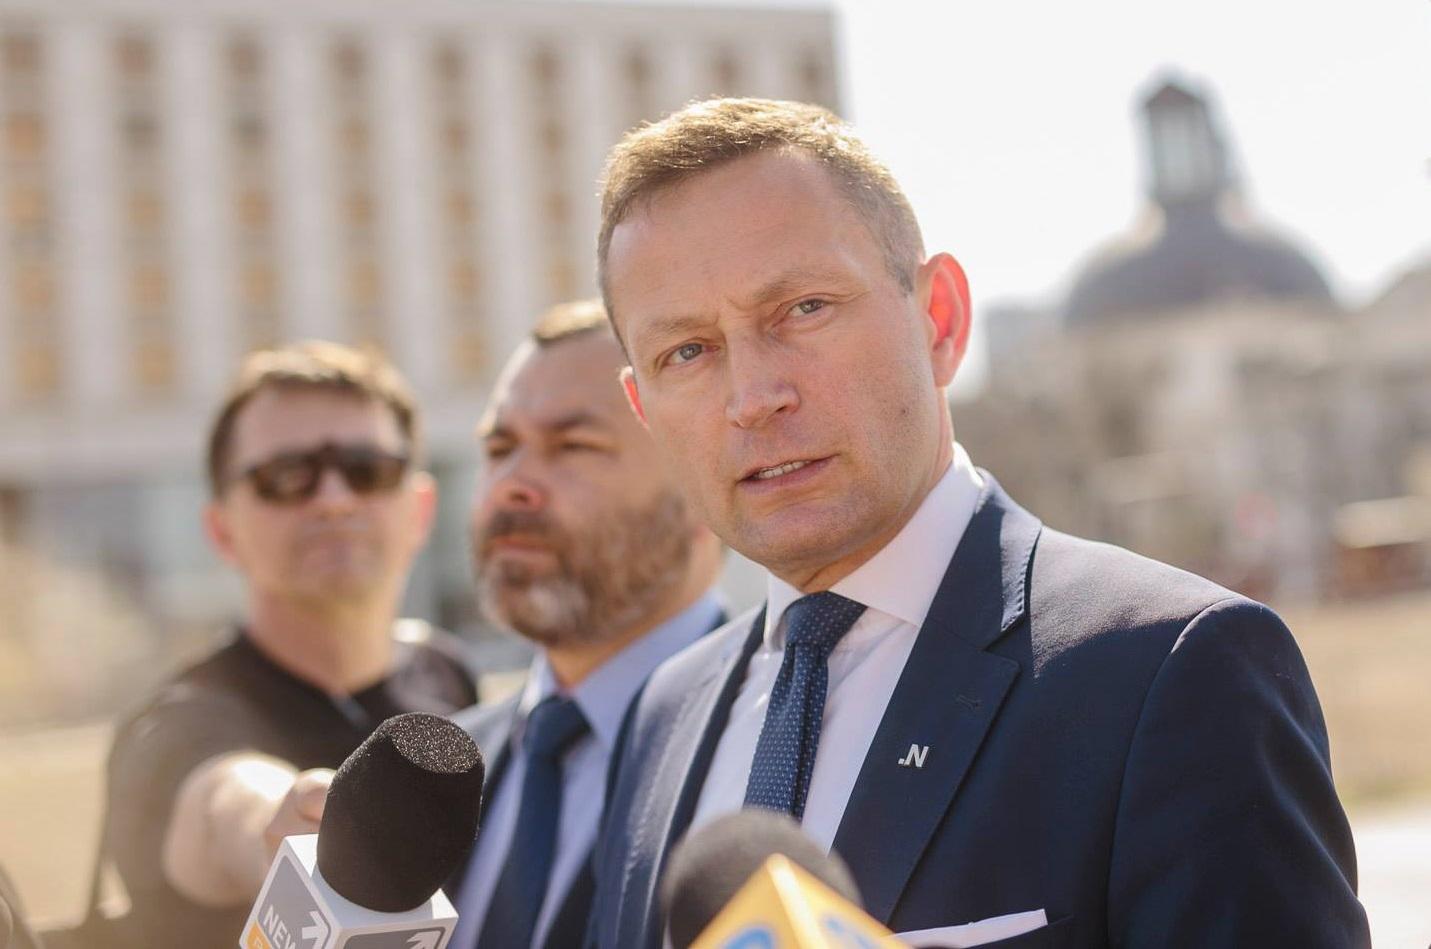 Paweł Rabiej/Fot. profil oficjalny polityka na Facebooku